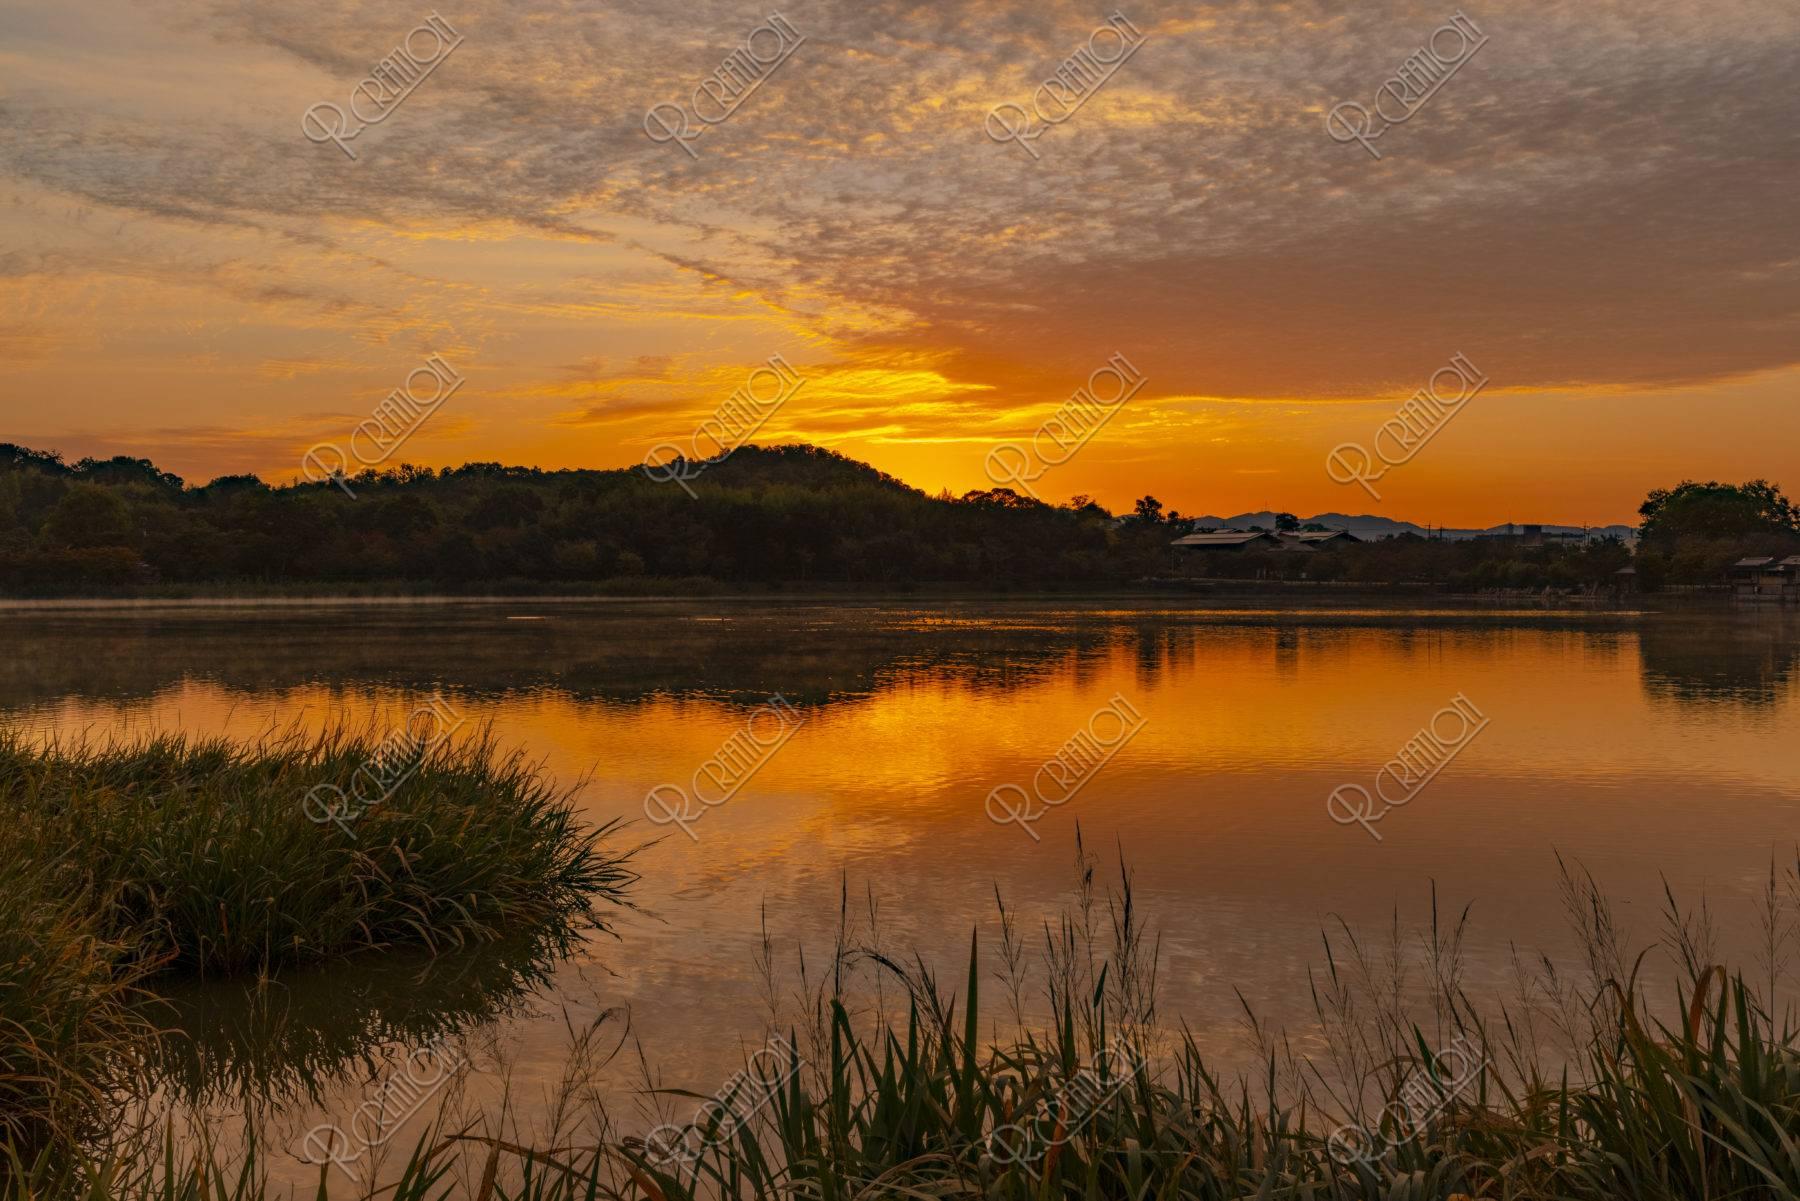 広沢池の朝焼け